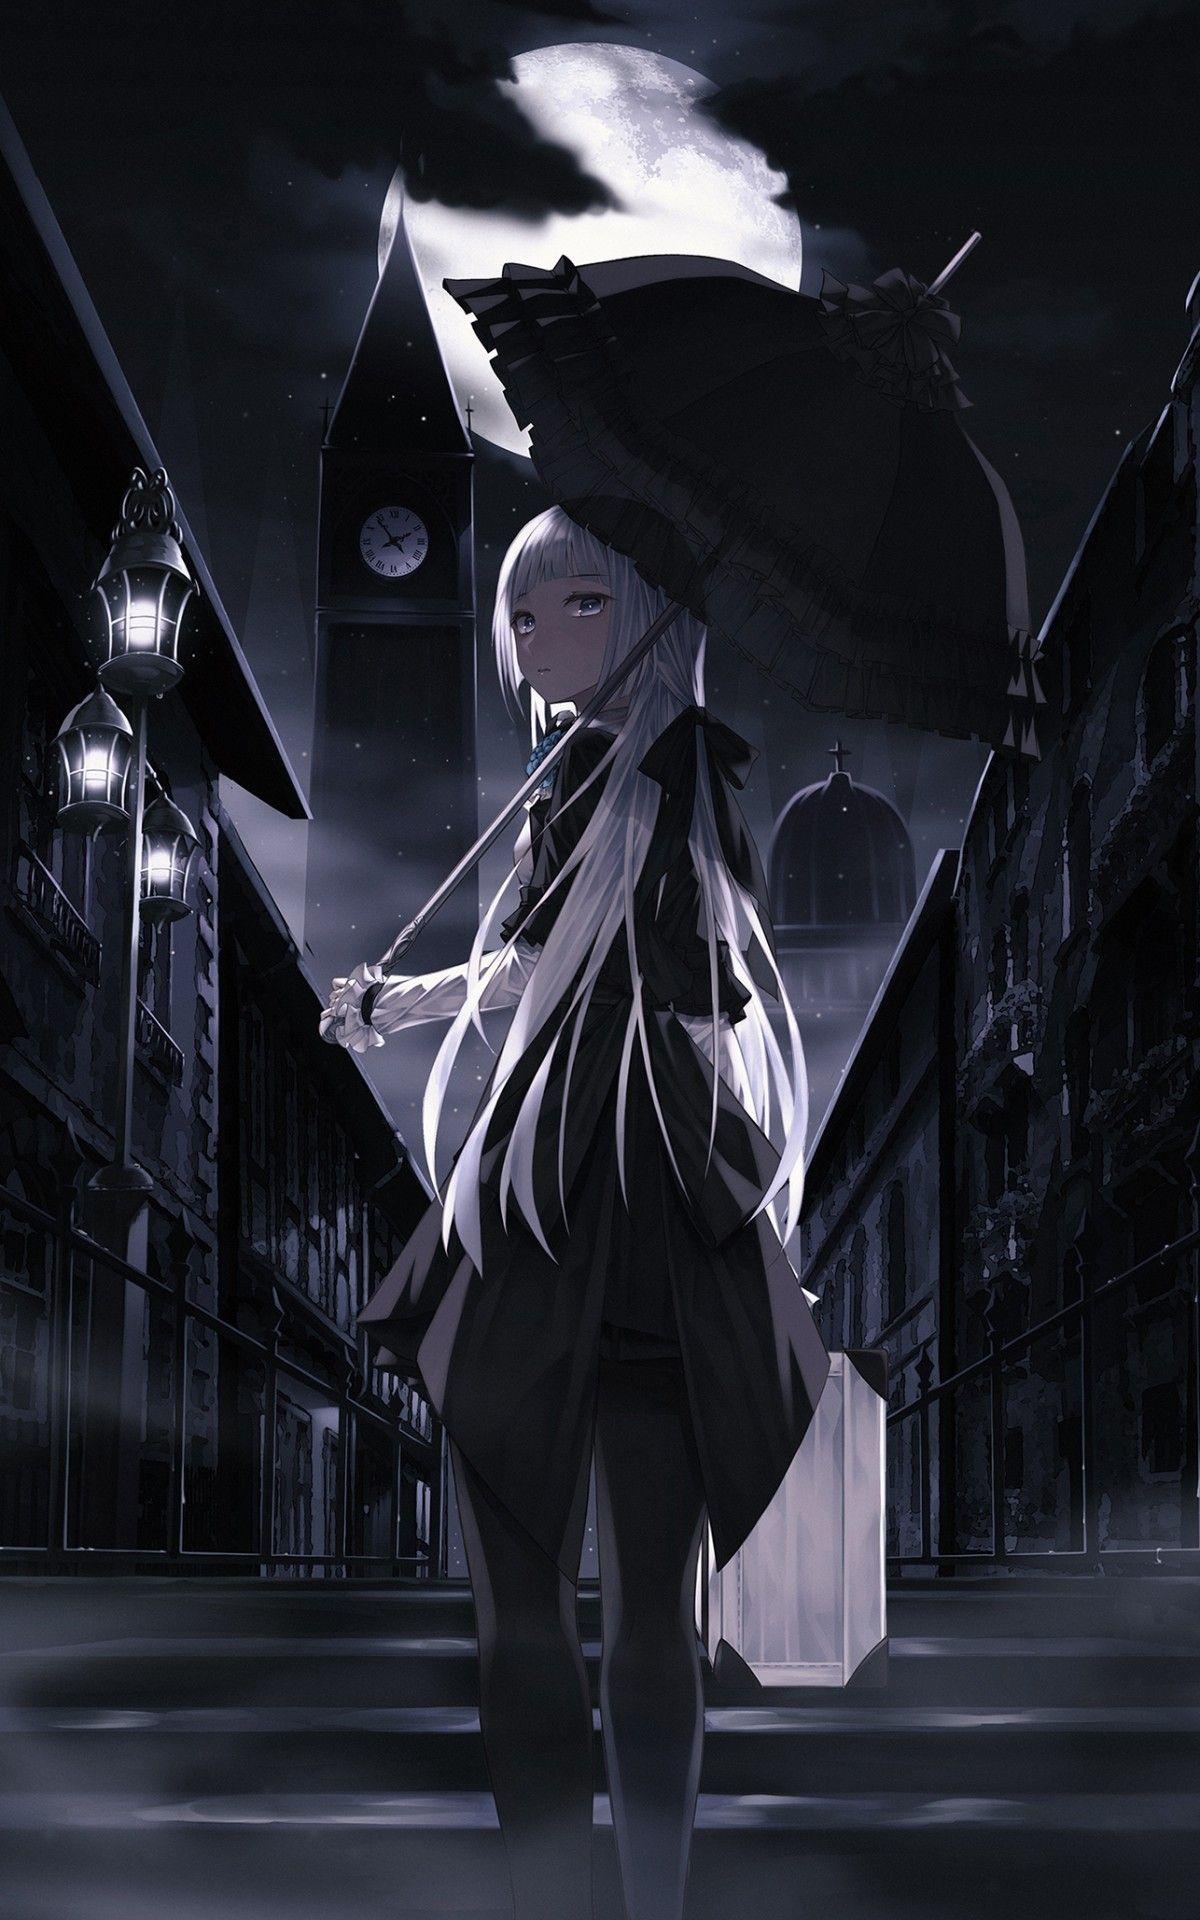 Dark Anime Girl Wallpaper : anime, wallpaper, Anime, Wallpapers, Wallpaper